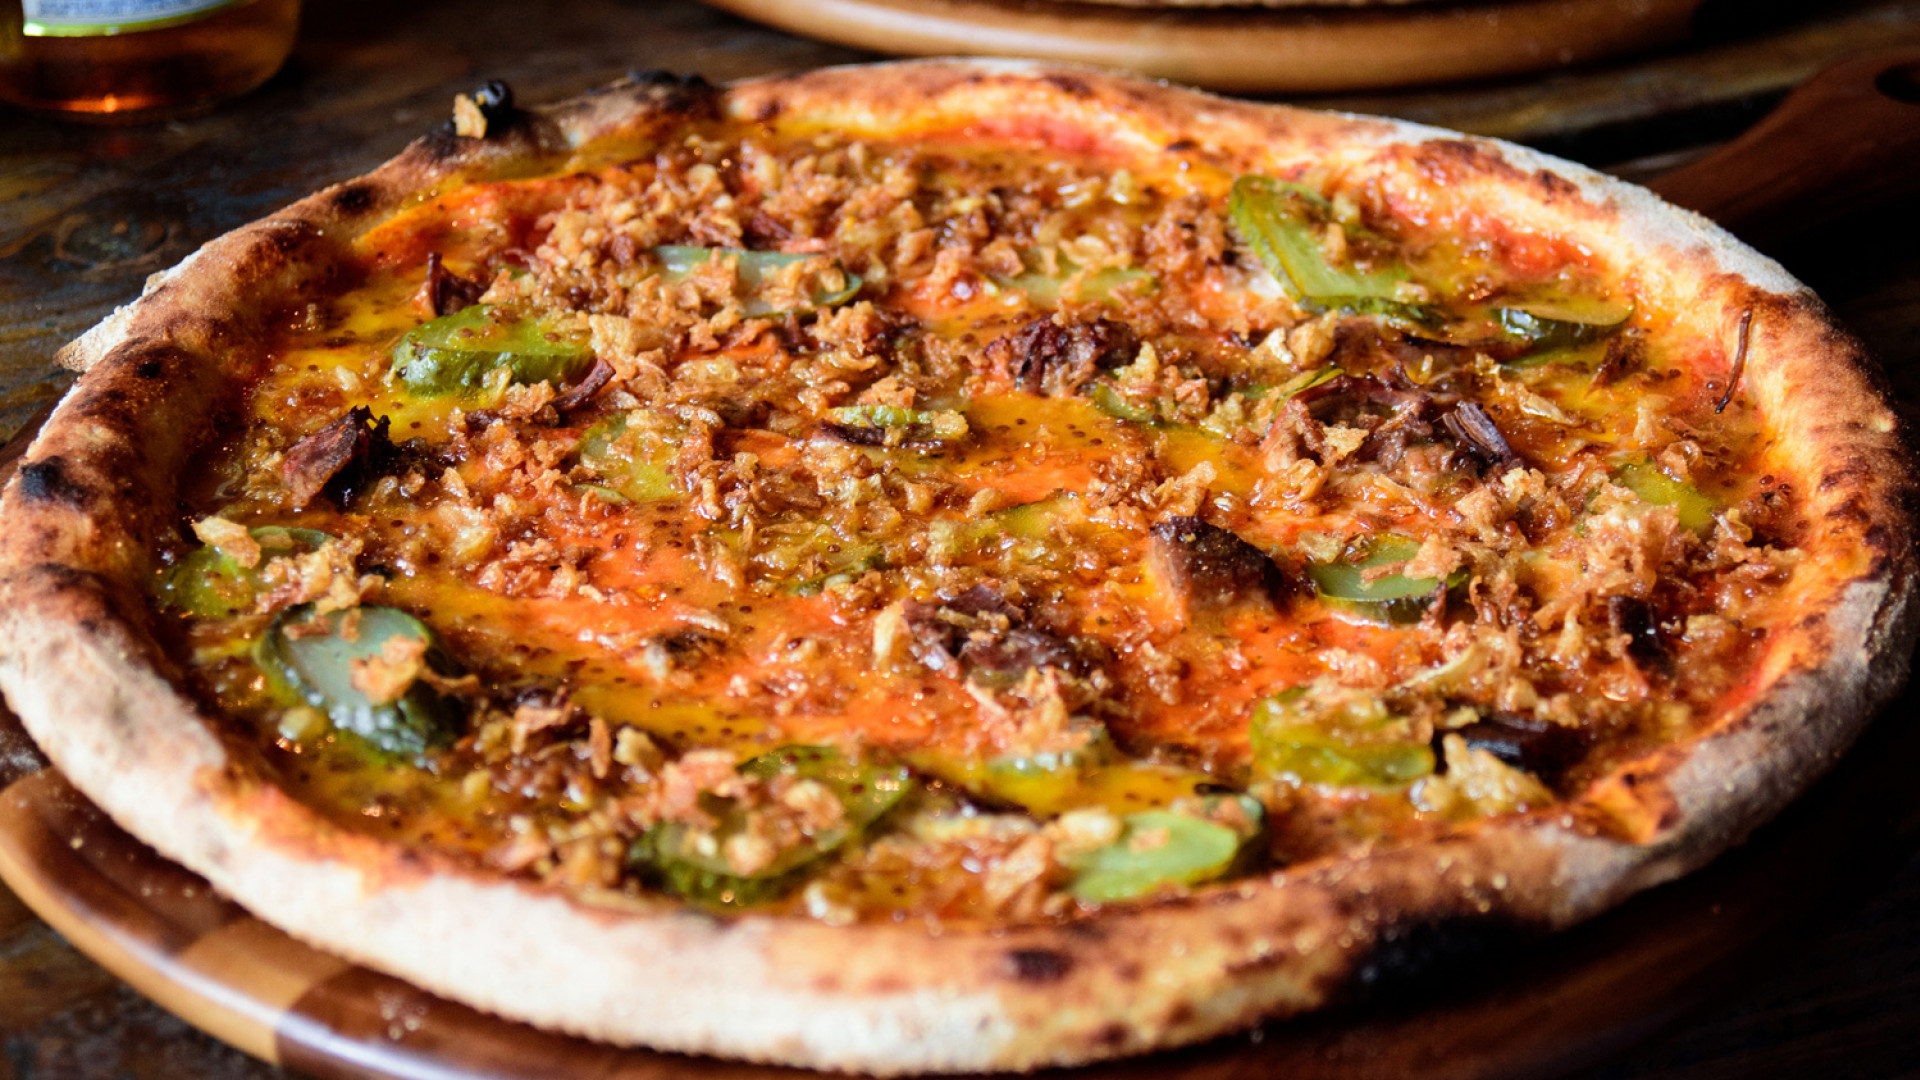 The Geezer pizza